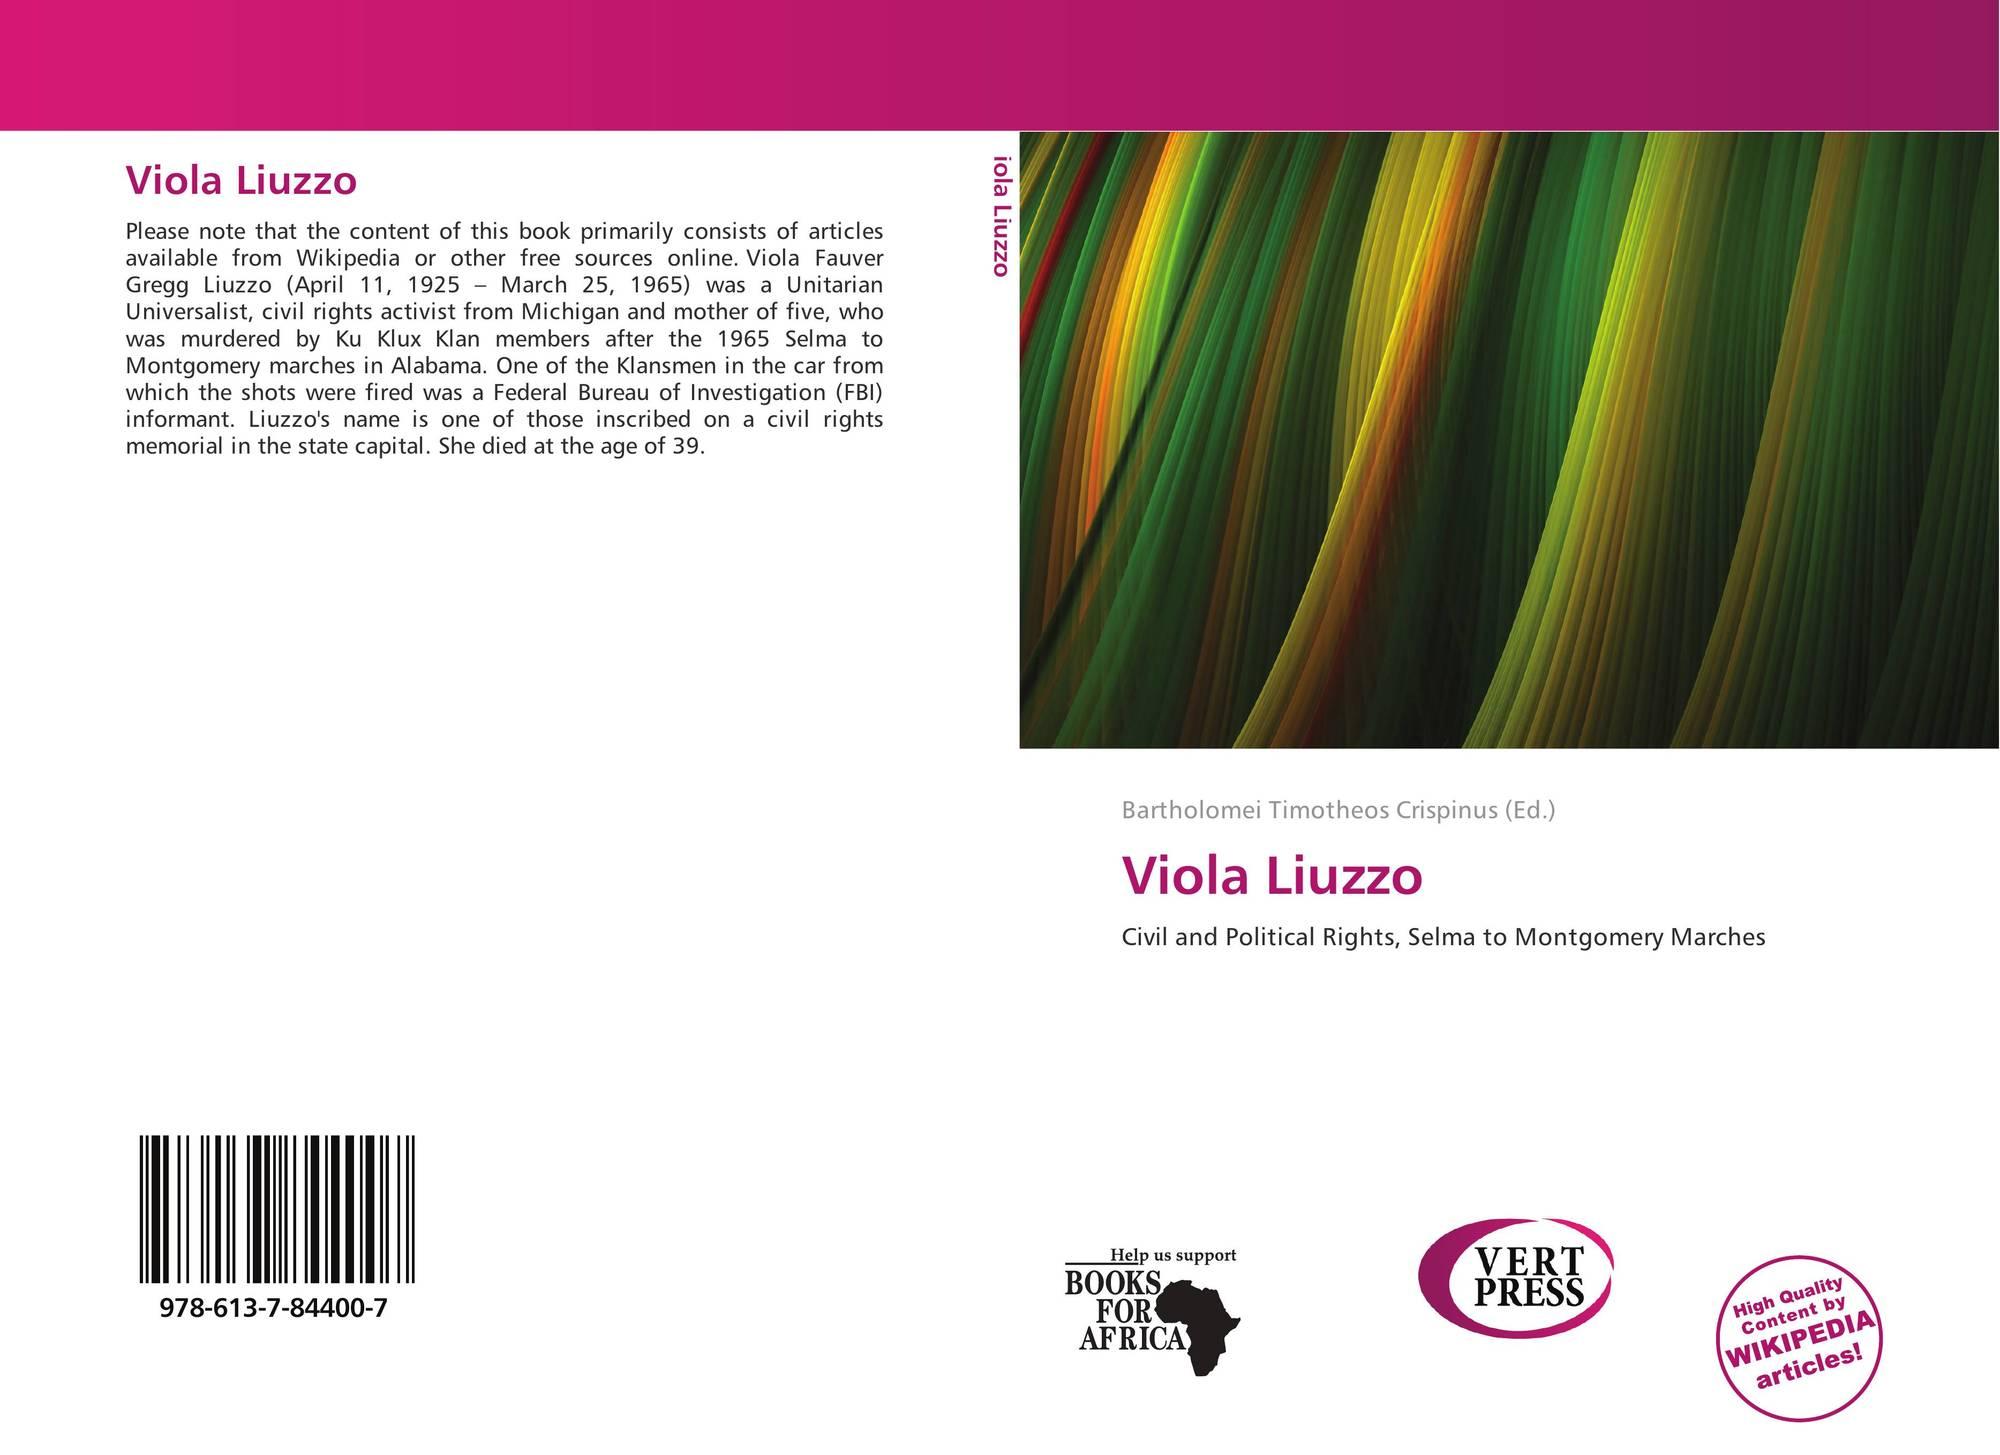 viol liuzzo essay